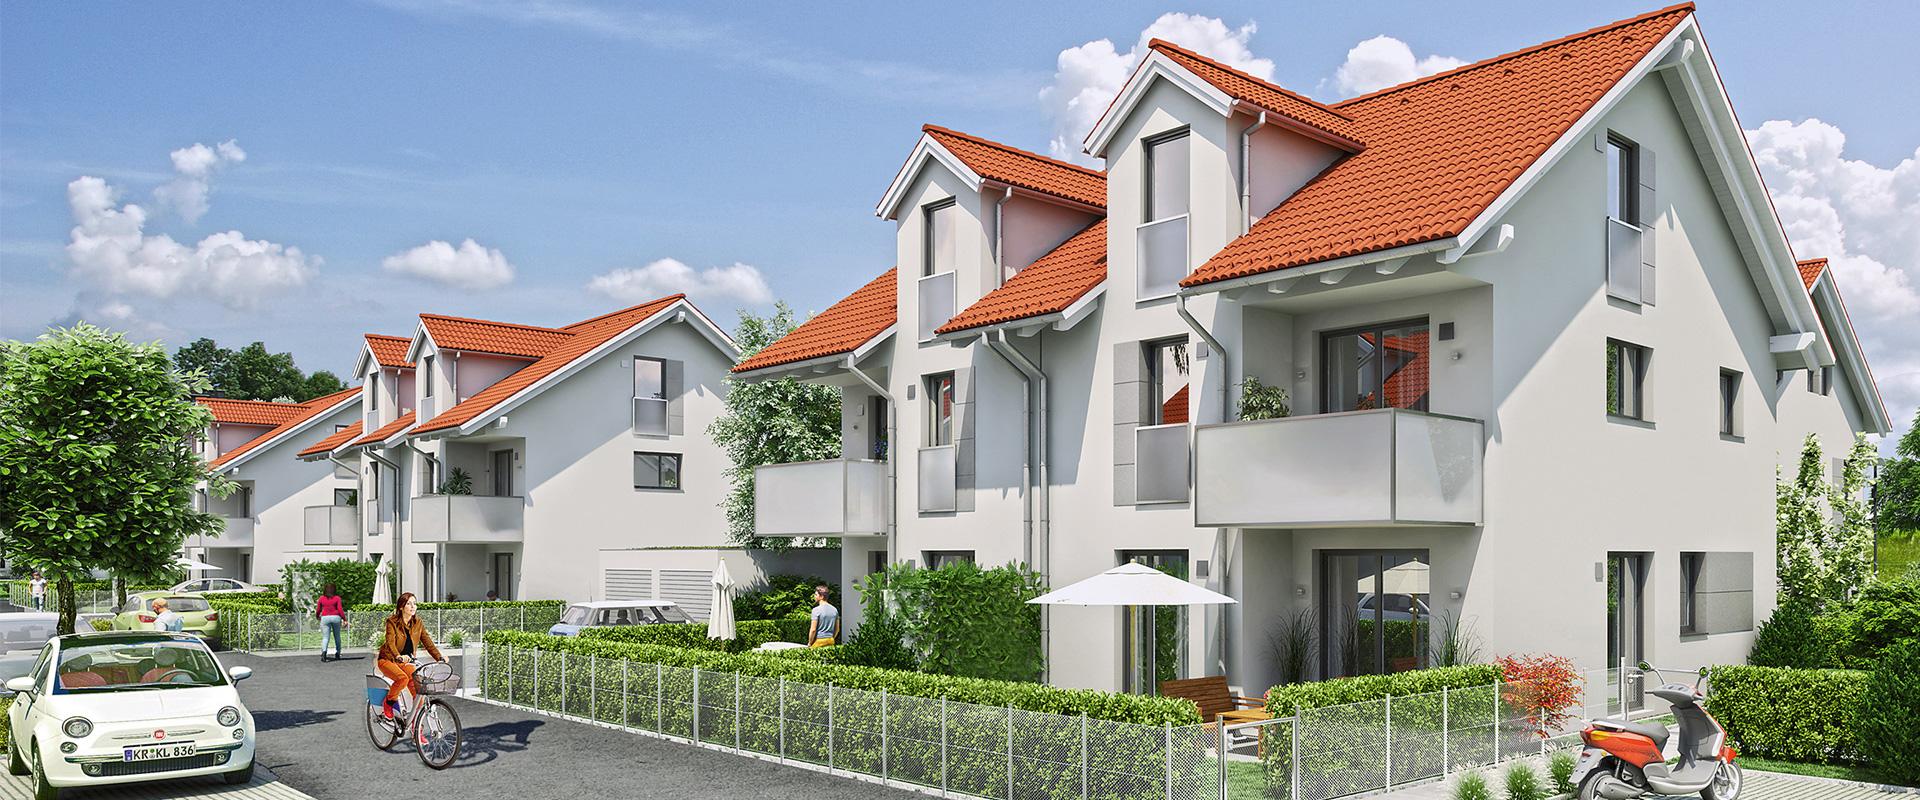 aktuelle bauvorhaben des m nchner bauunternehmens p ttinger immobilien. Black Bedroom Furniture Sets. Home Design Ideas